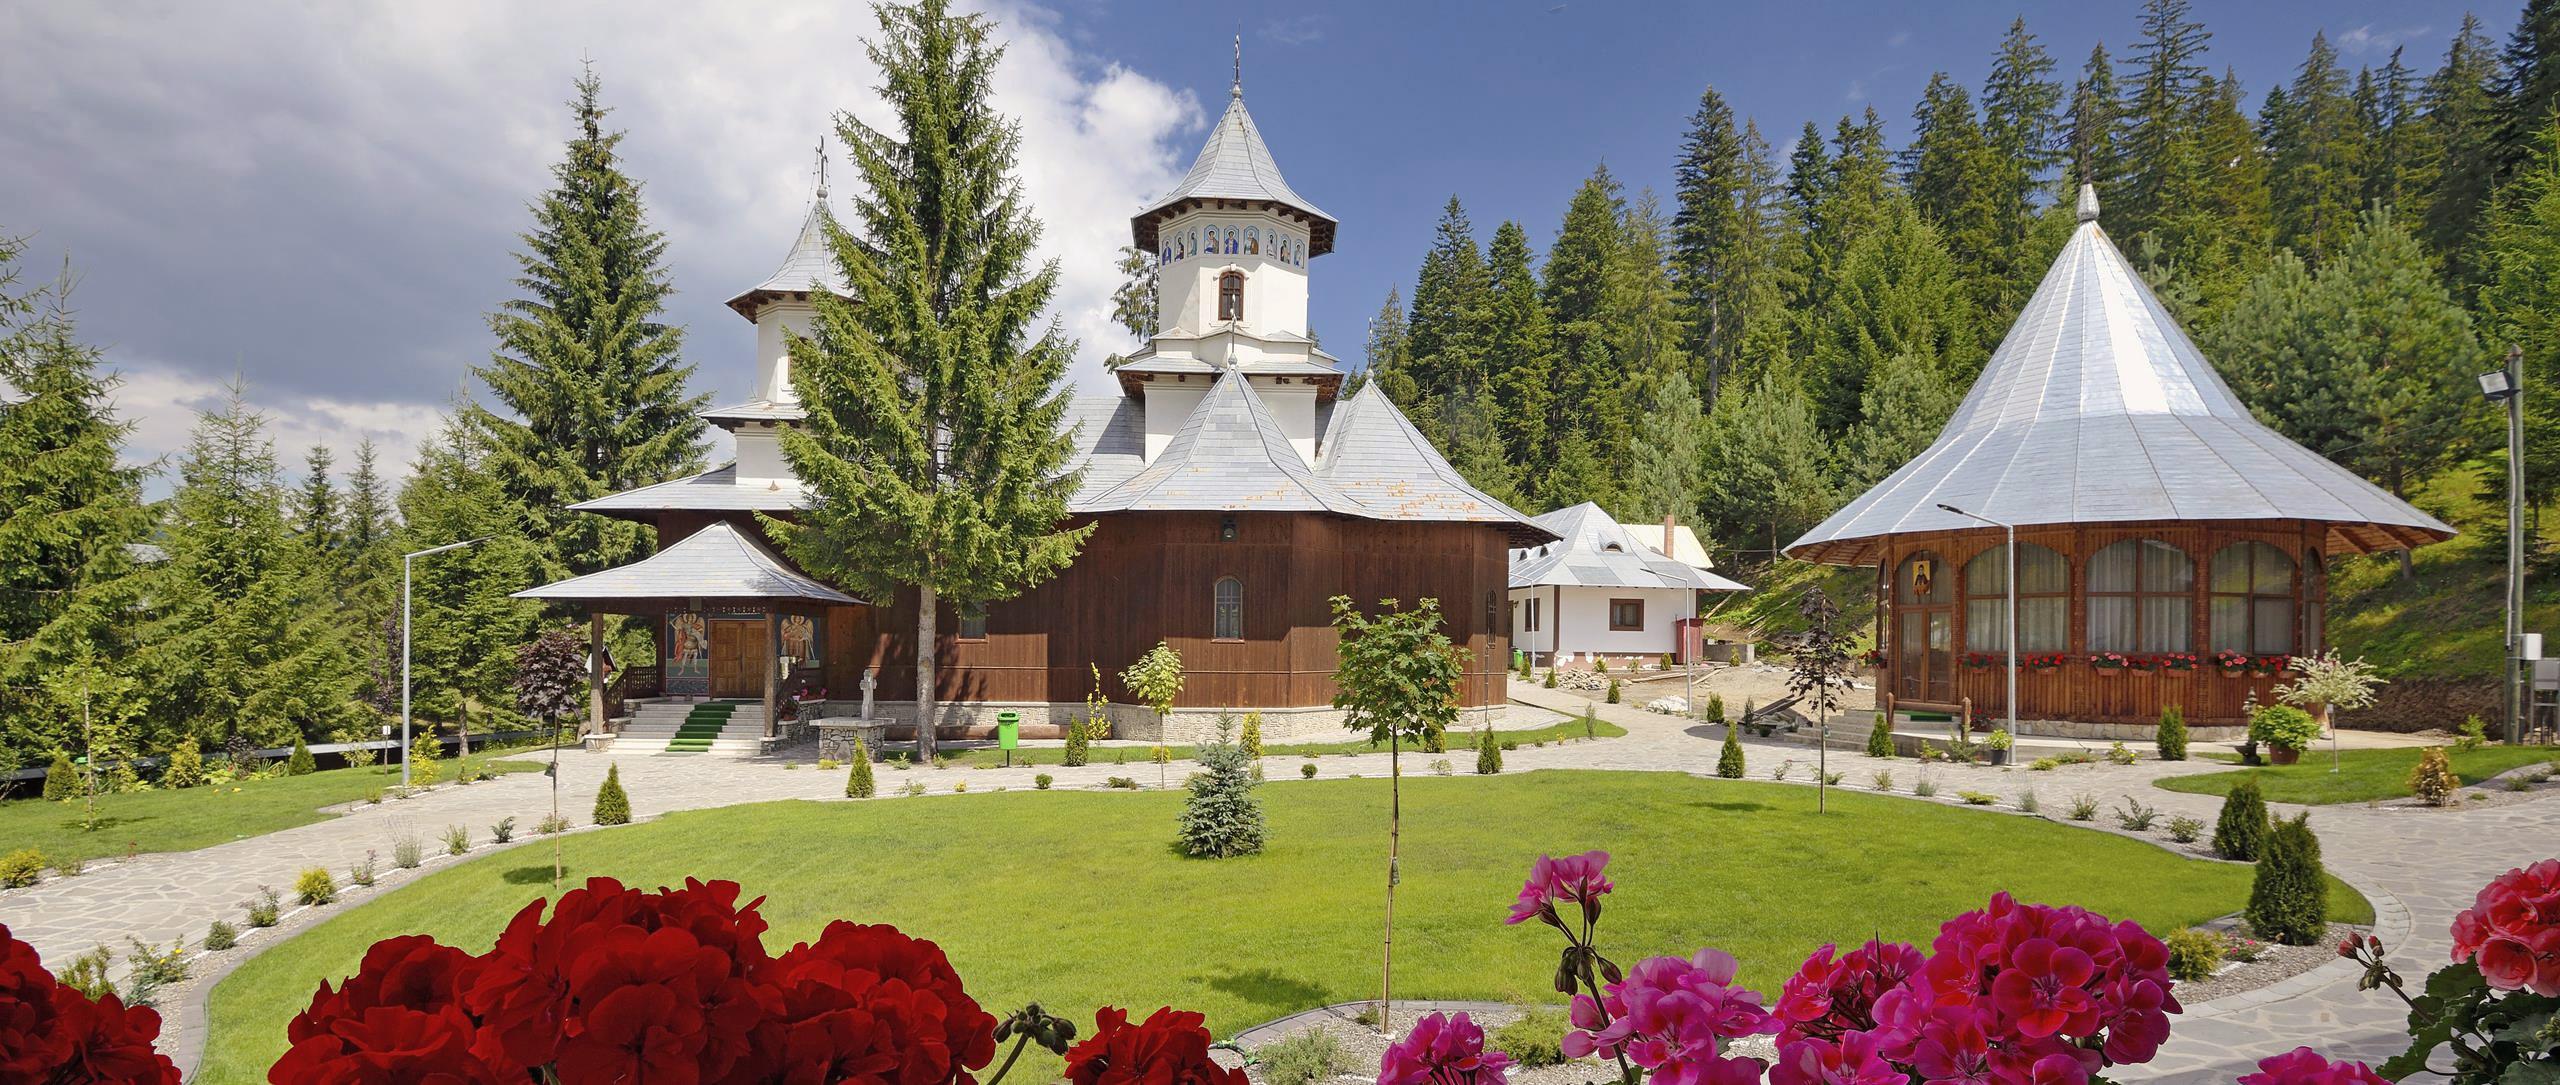 Manastirea Doroteia - Slide 2